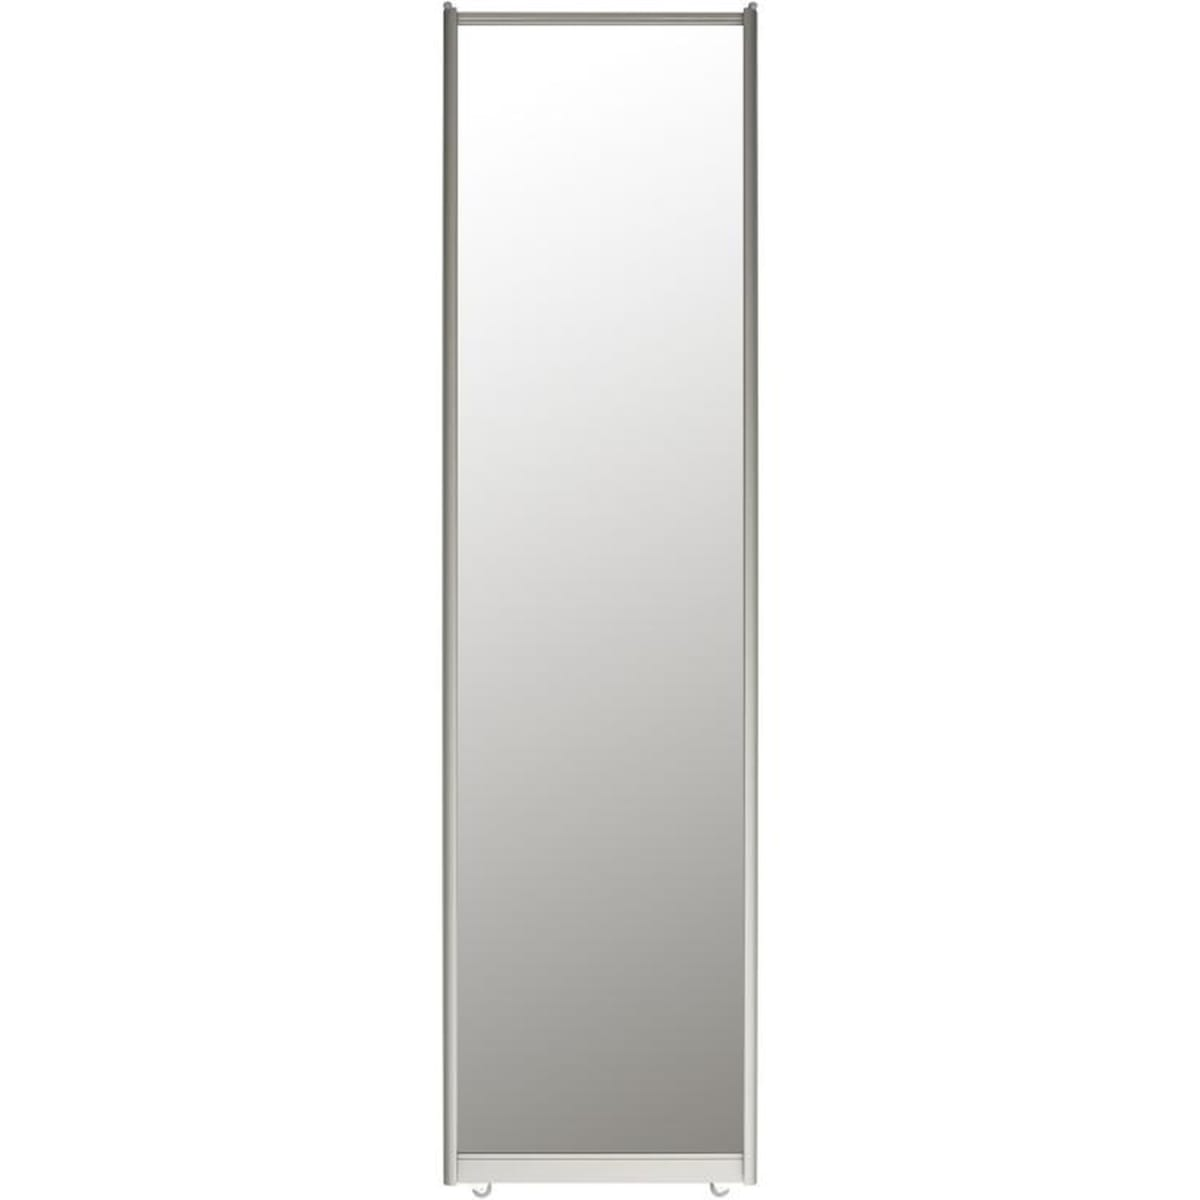 Дверь-купе Spaceo 2255x804 мм зеркало